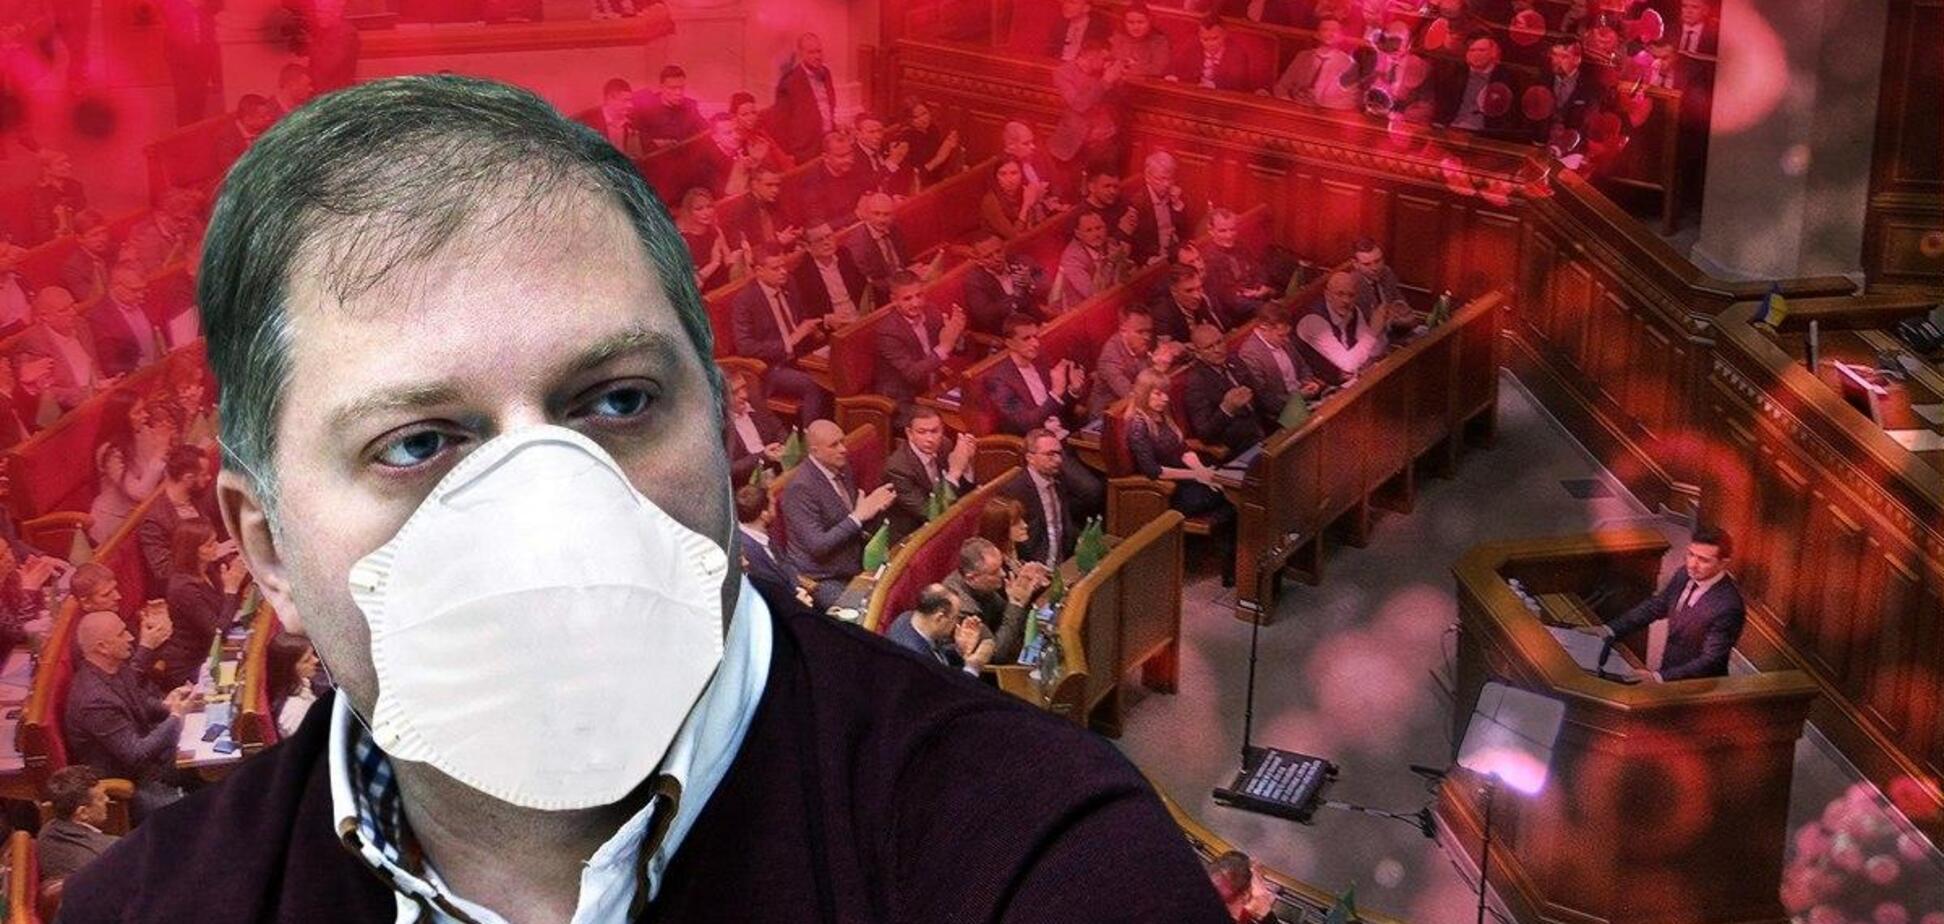 Коронавірус у Раді? Кого, крім Медведчука та Волошина, повинні ізолювати та чи можуть закрити парламент